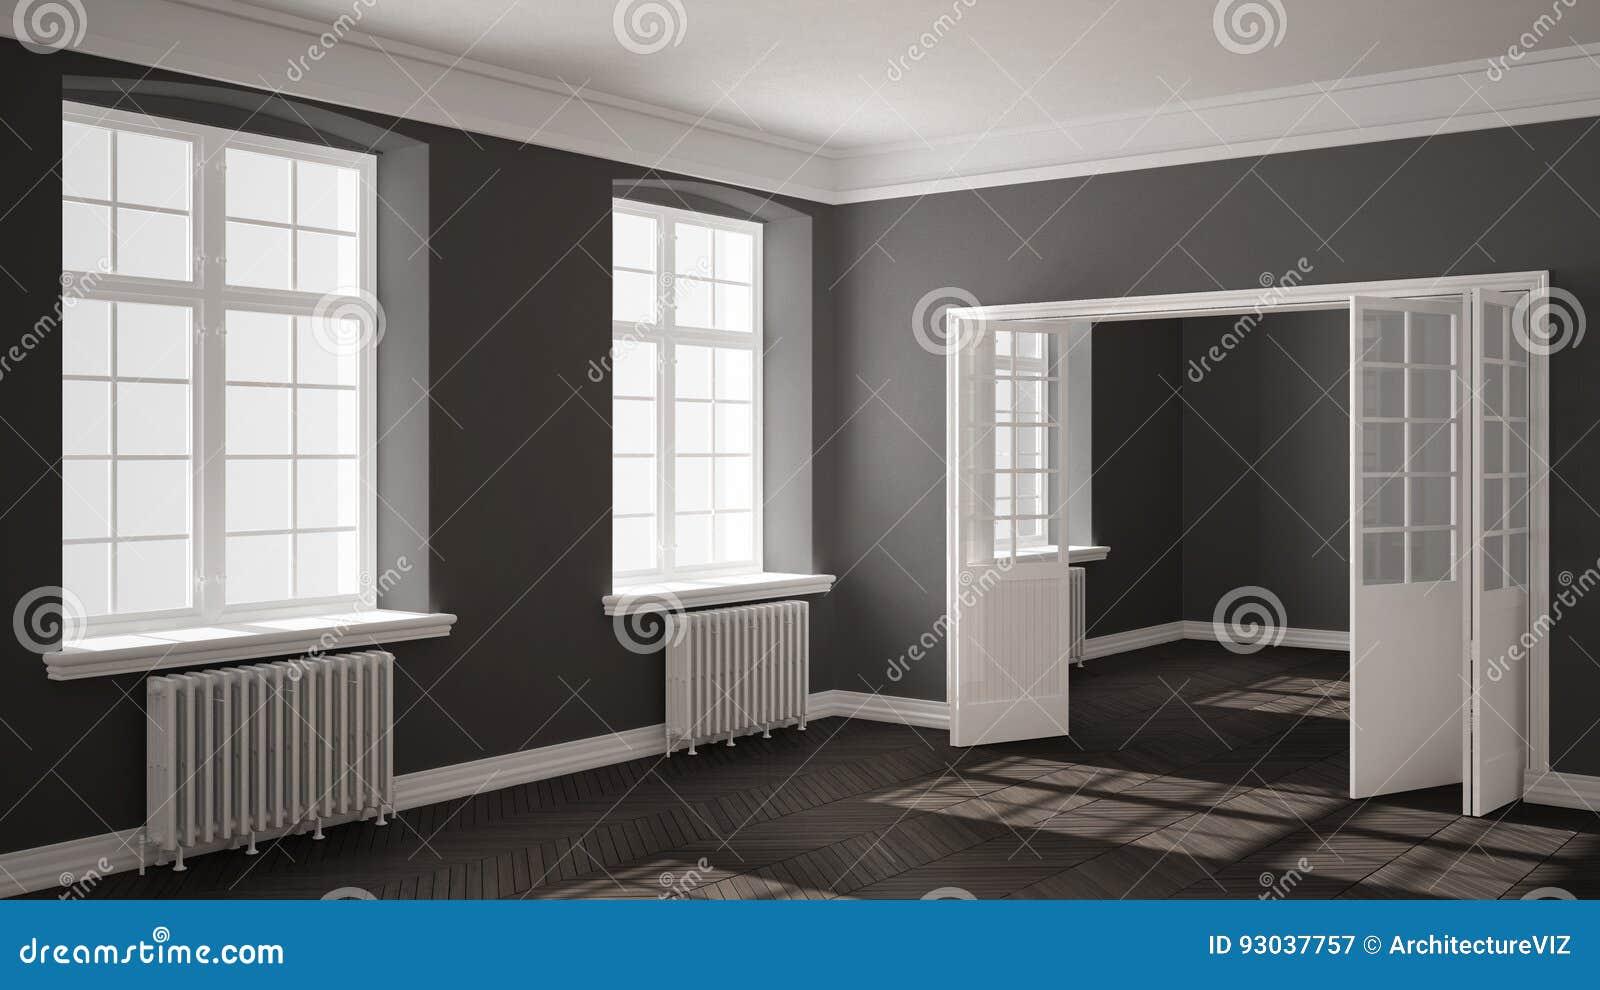 leerer raum mit parkettboden gro en fenstern t ren und heizk rpern stock abbildung. Black Bedroom Furniture Sets. Home Design Ideas